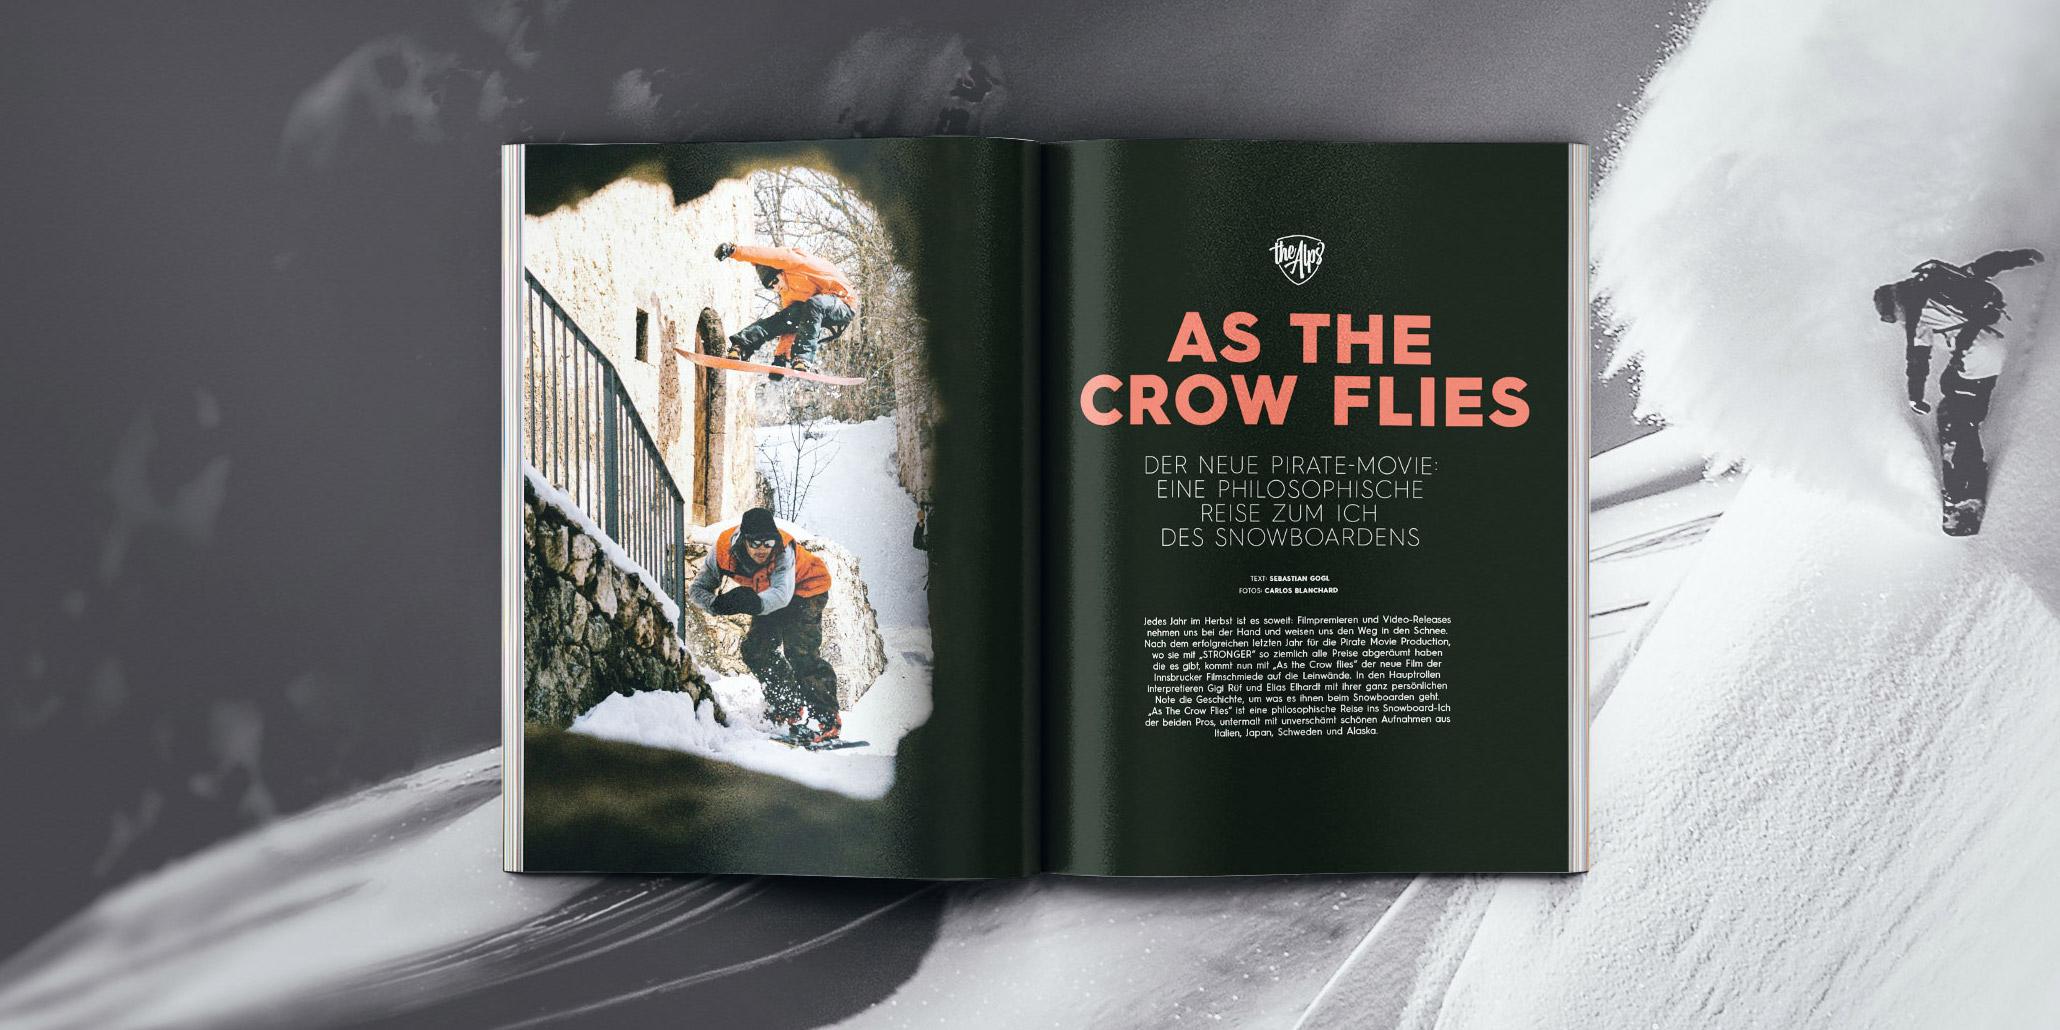 As the Crow flies –mit Gigi Rüf, Elias Elhardt, Kazu Kokubo & Toni Kerkelä